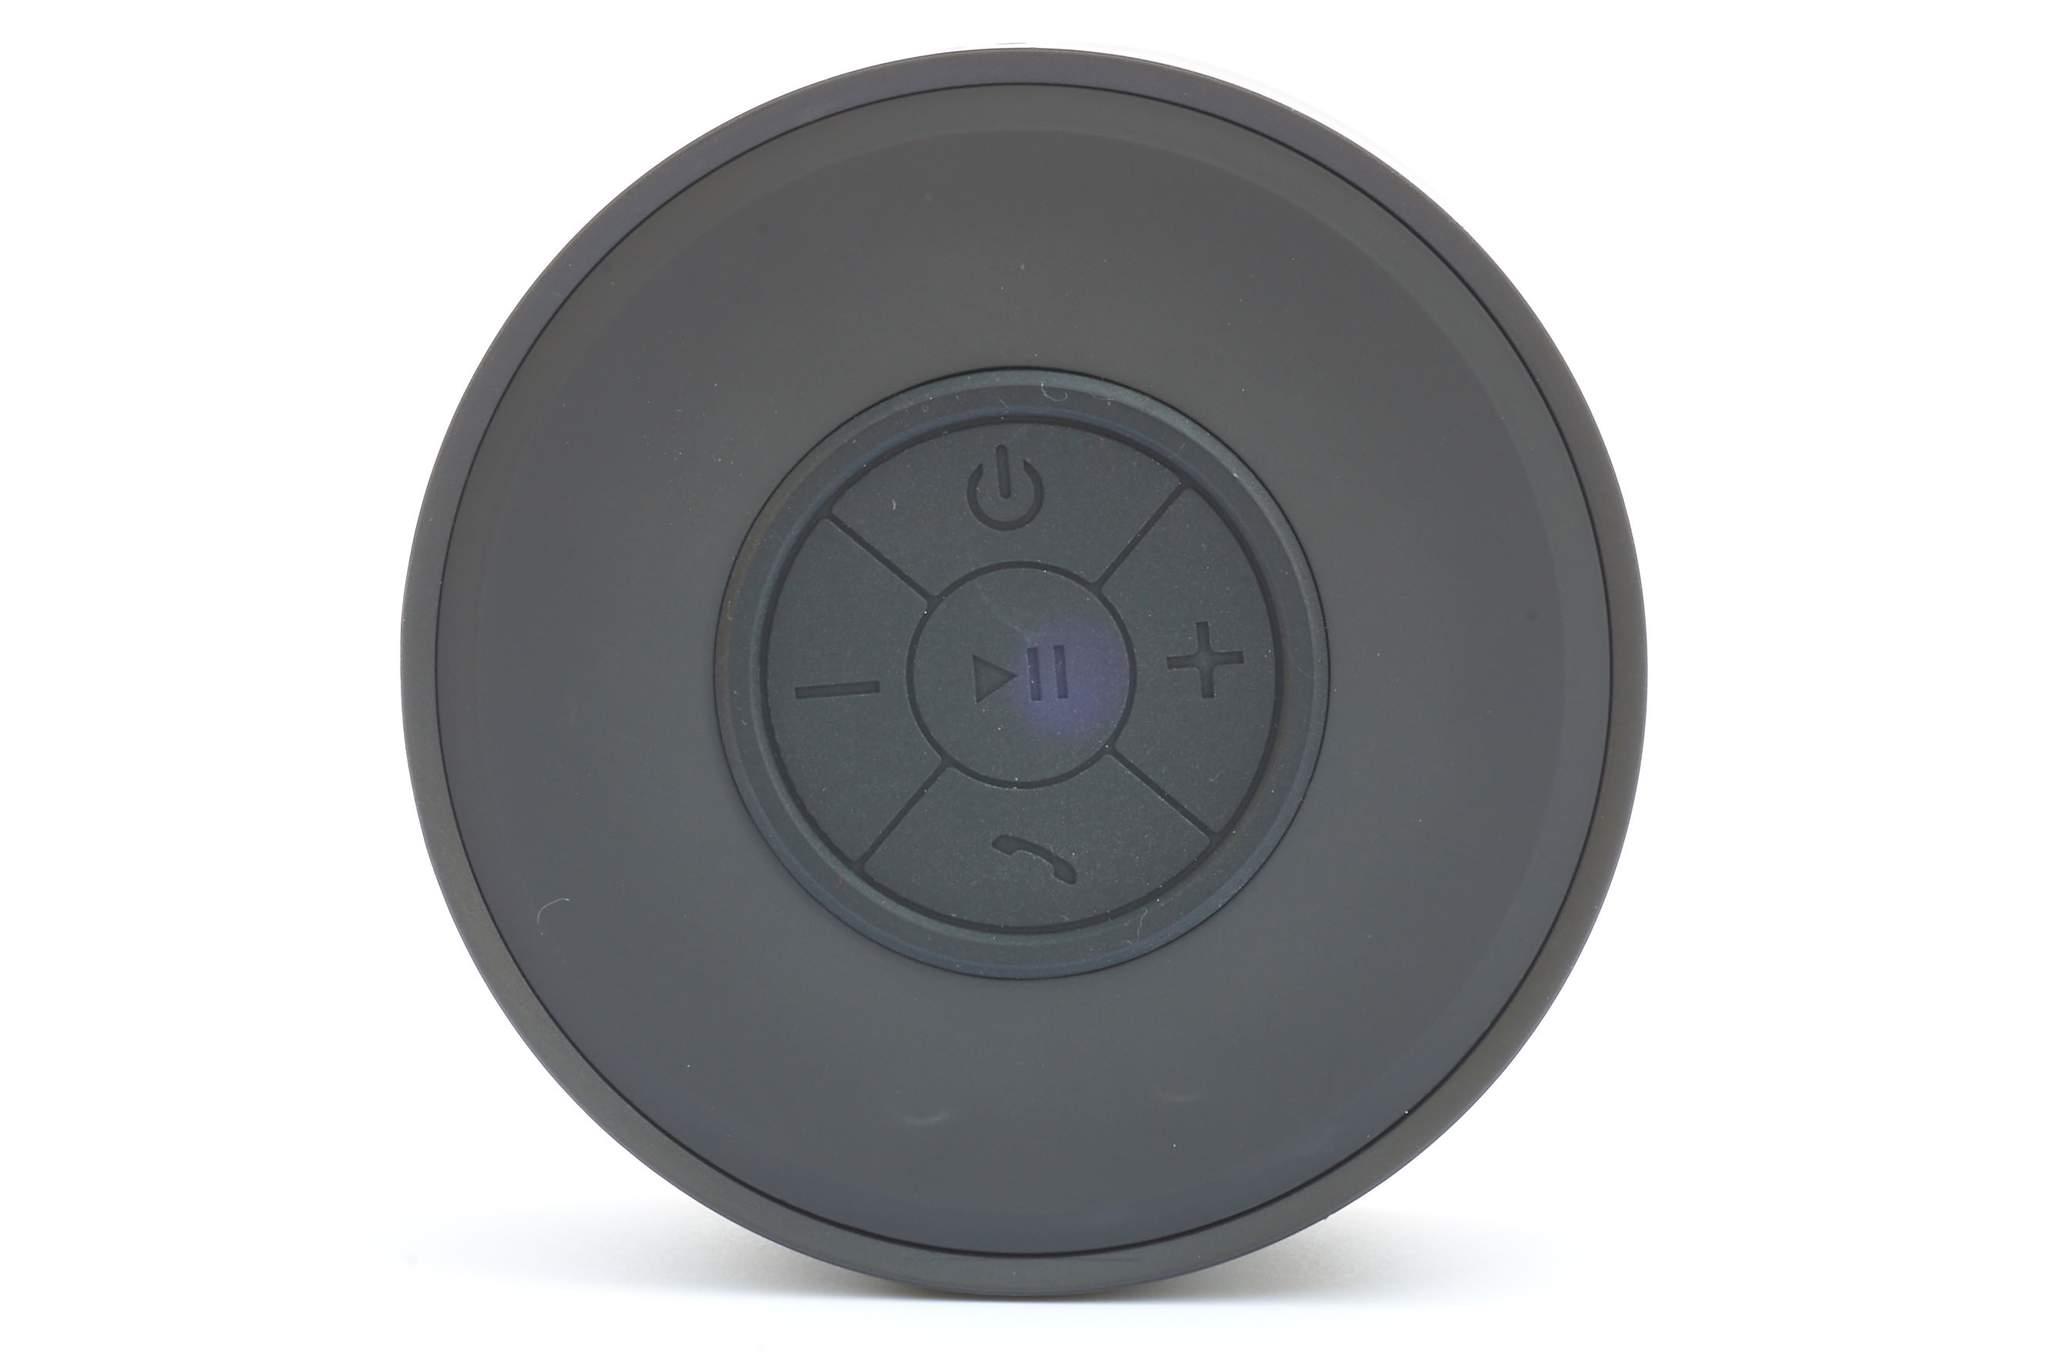 Full Size of Bluetooth Lautsprecher Q11 Walkin Dusche Nischentür Siphon Bodengleiche Nachträglich Einbauen Unterputz Haltegriff Badewanne Mit Bidet Glastür Komplett Set Dusche Bluetooth Lautsprecher Dusche